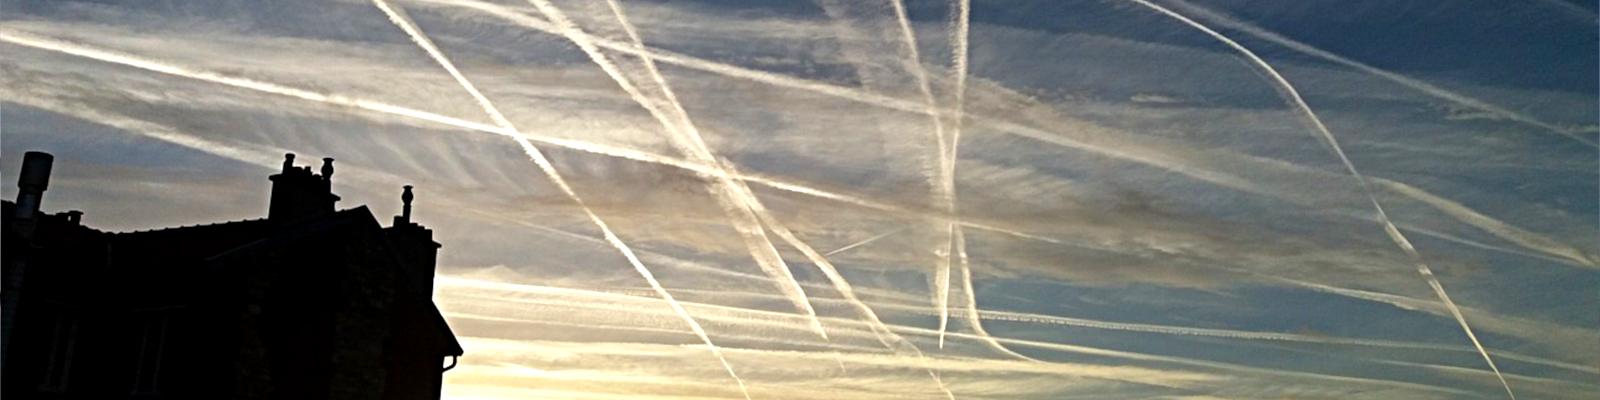 Sky Tracks